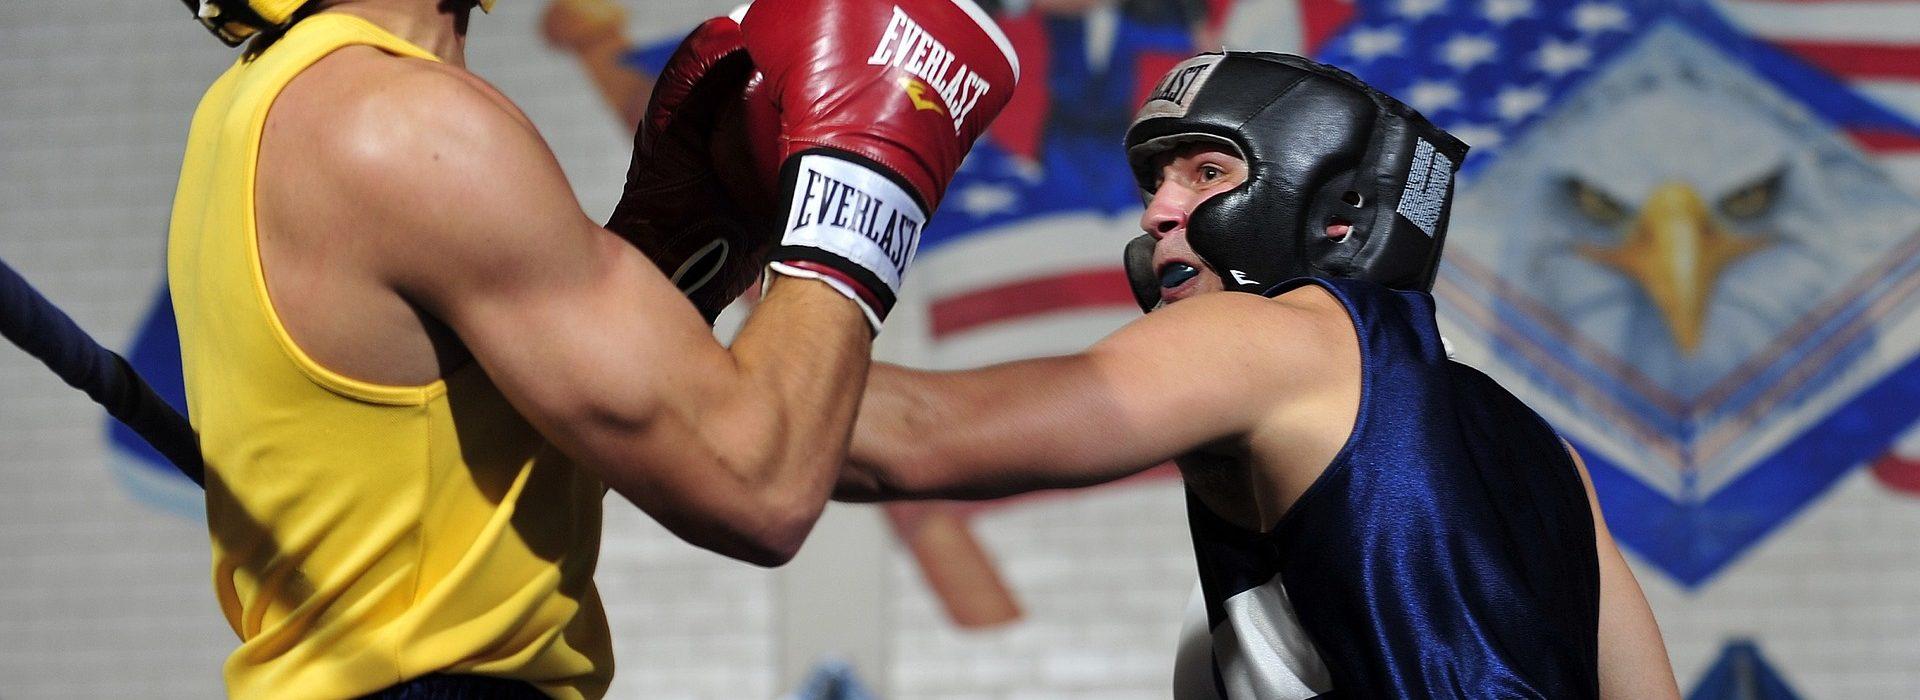 boxers-1919379_1920